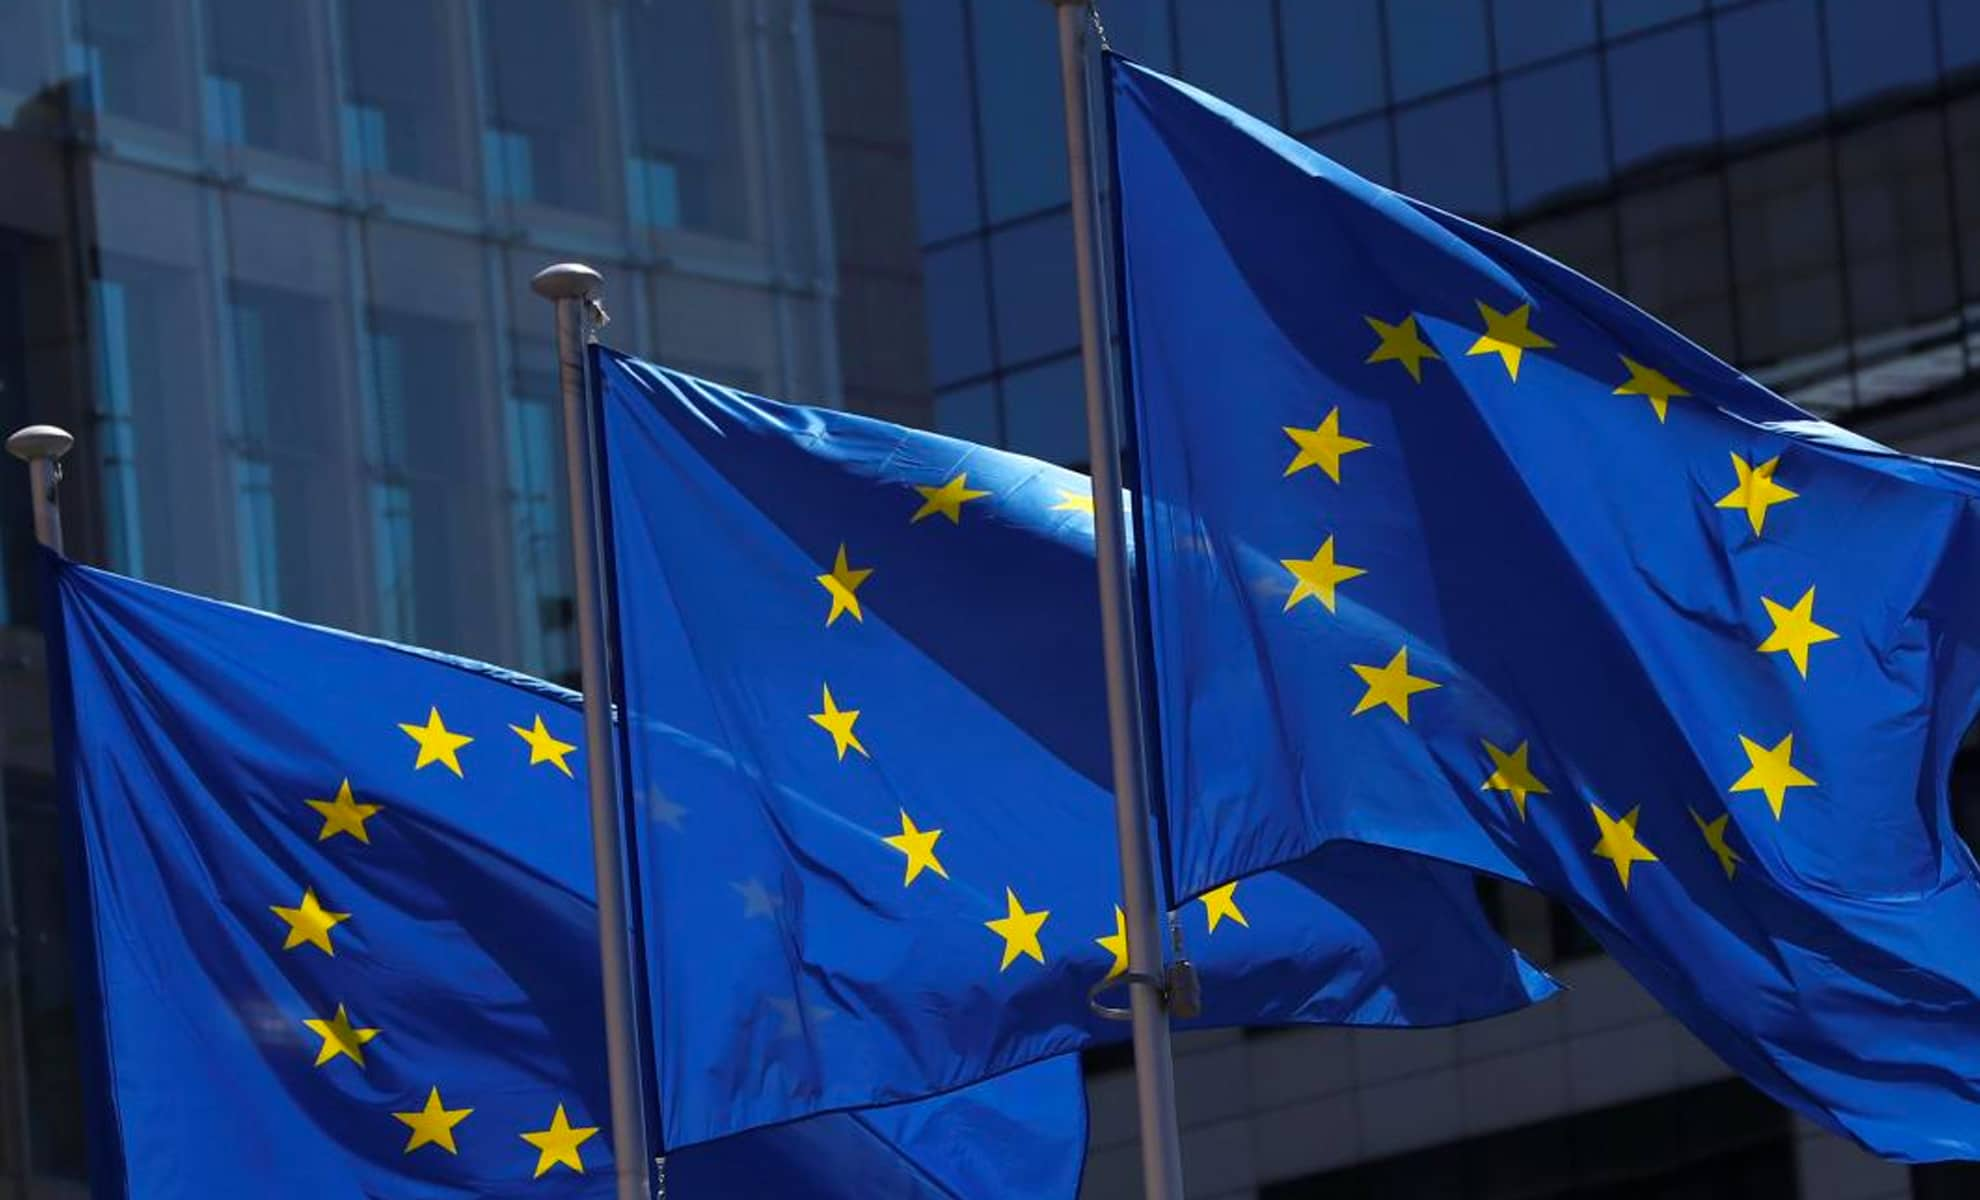 L'Algérie sera-t-elle maintenue dans la liste rouge de l'Union européenne?